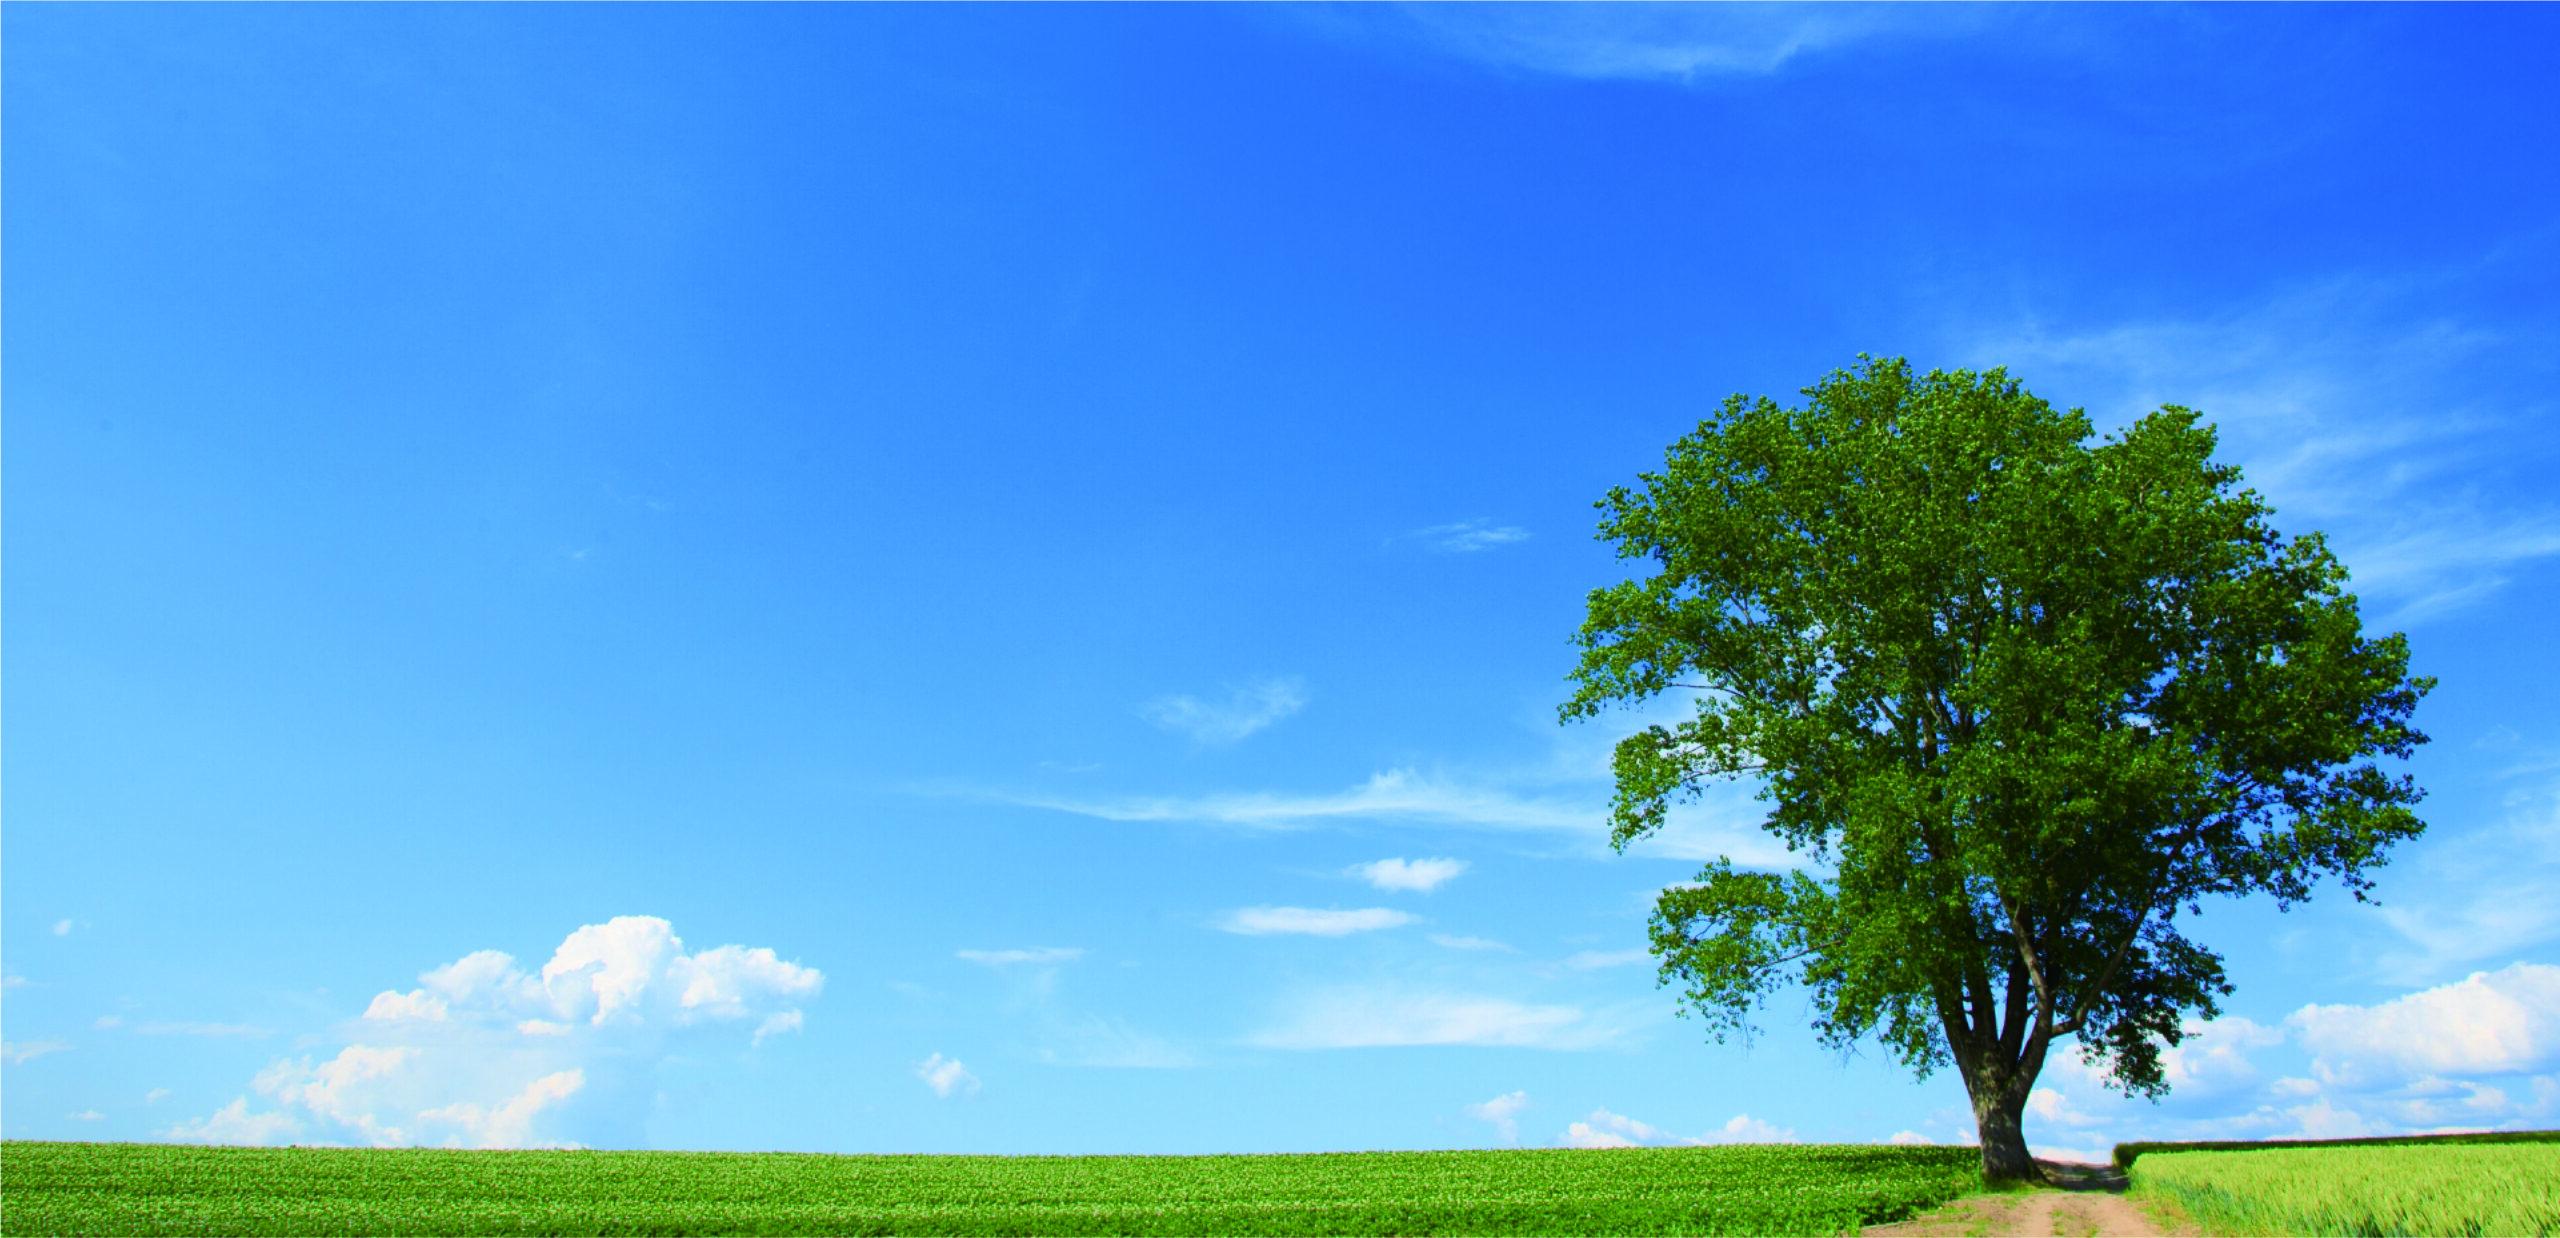 ヘッダー画像 青空に大きな木が一本生えている写真です